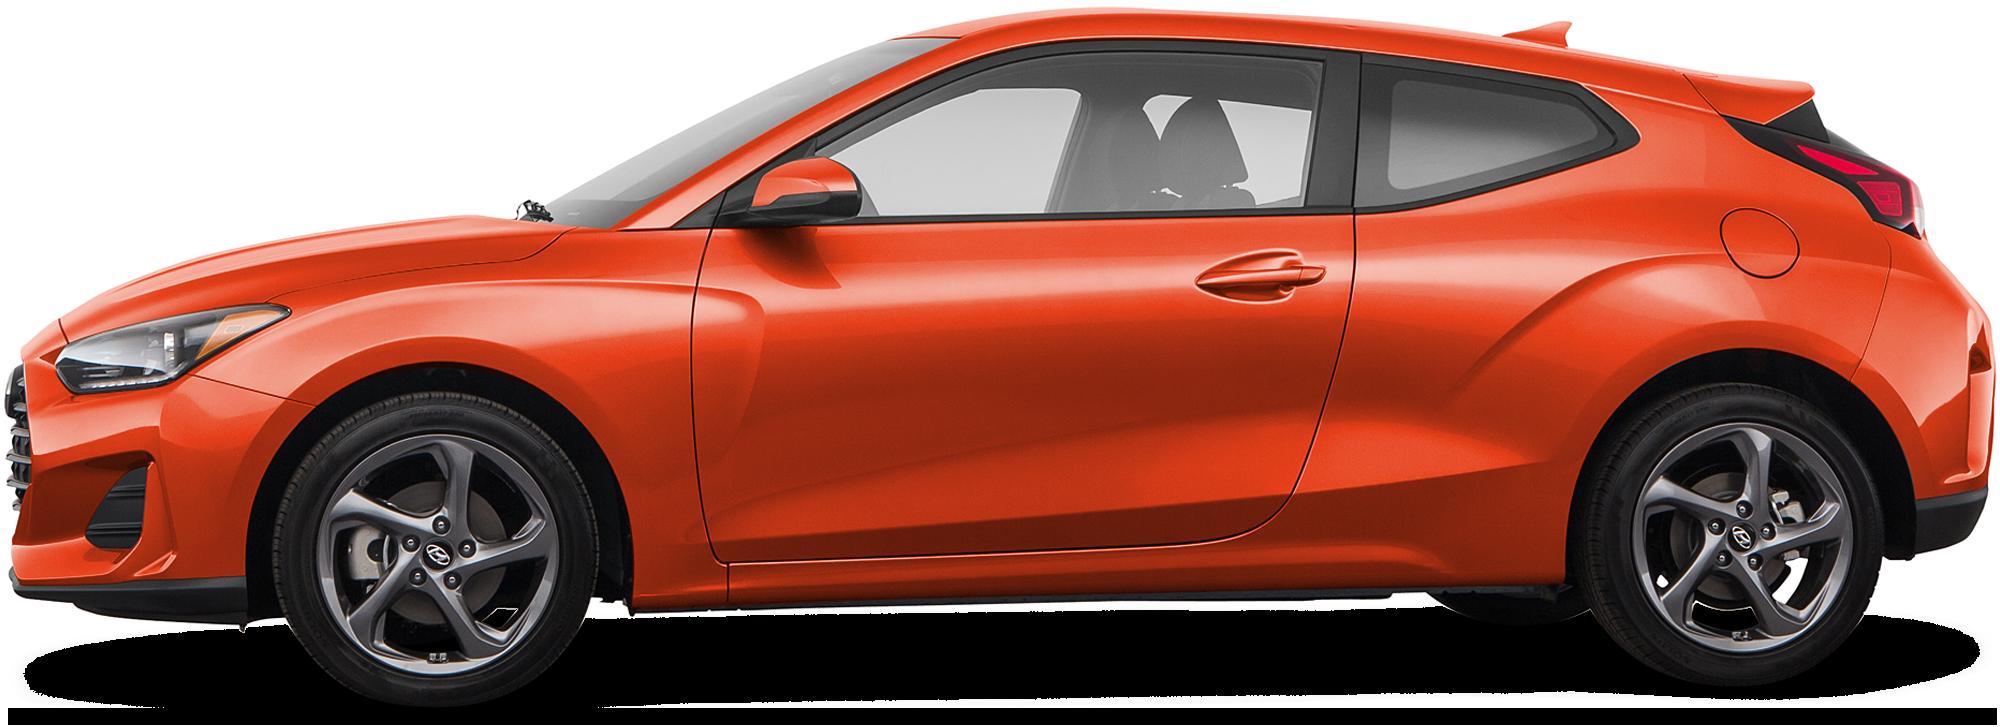 2020 Hyundai Veloster Hatchback 2.0